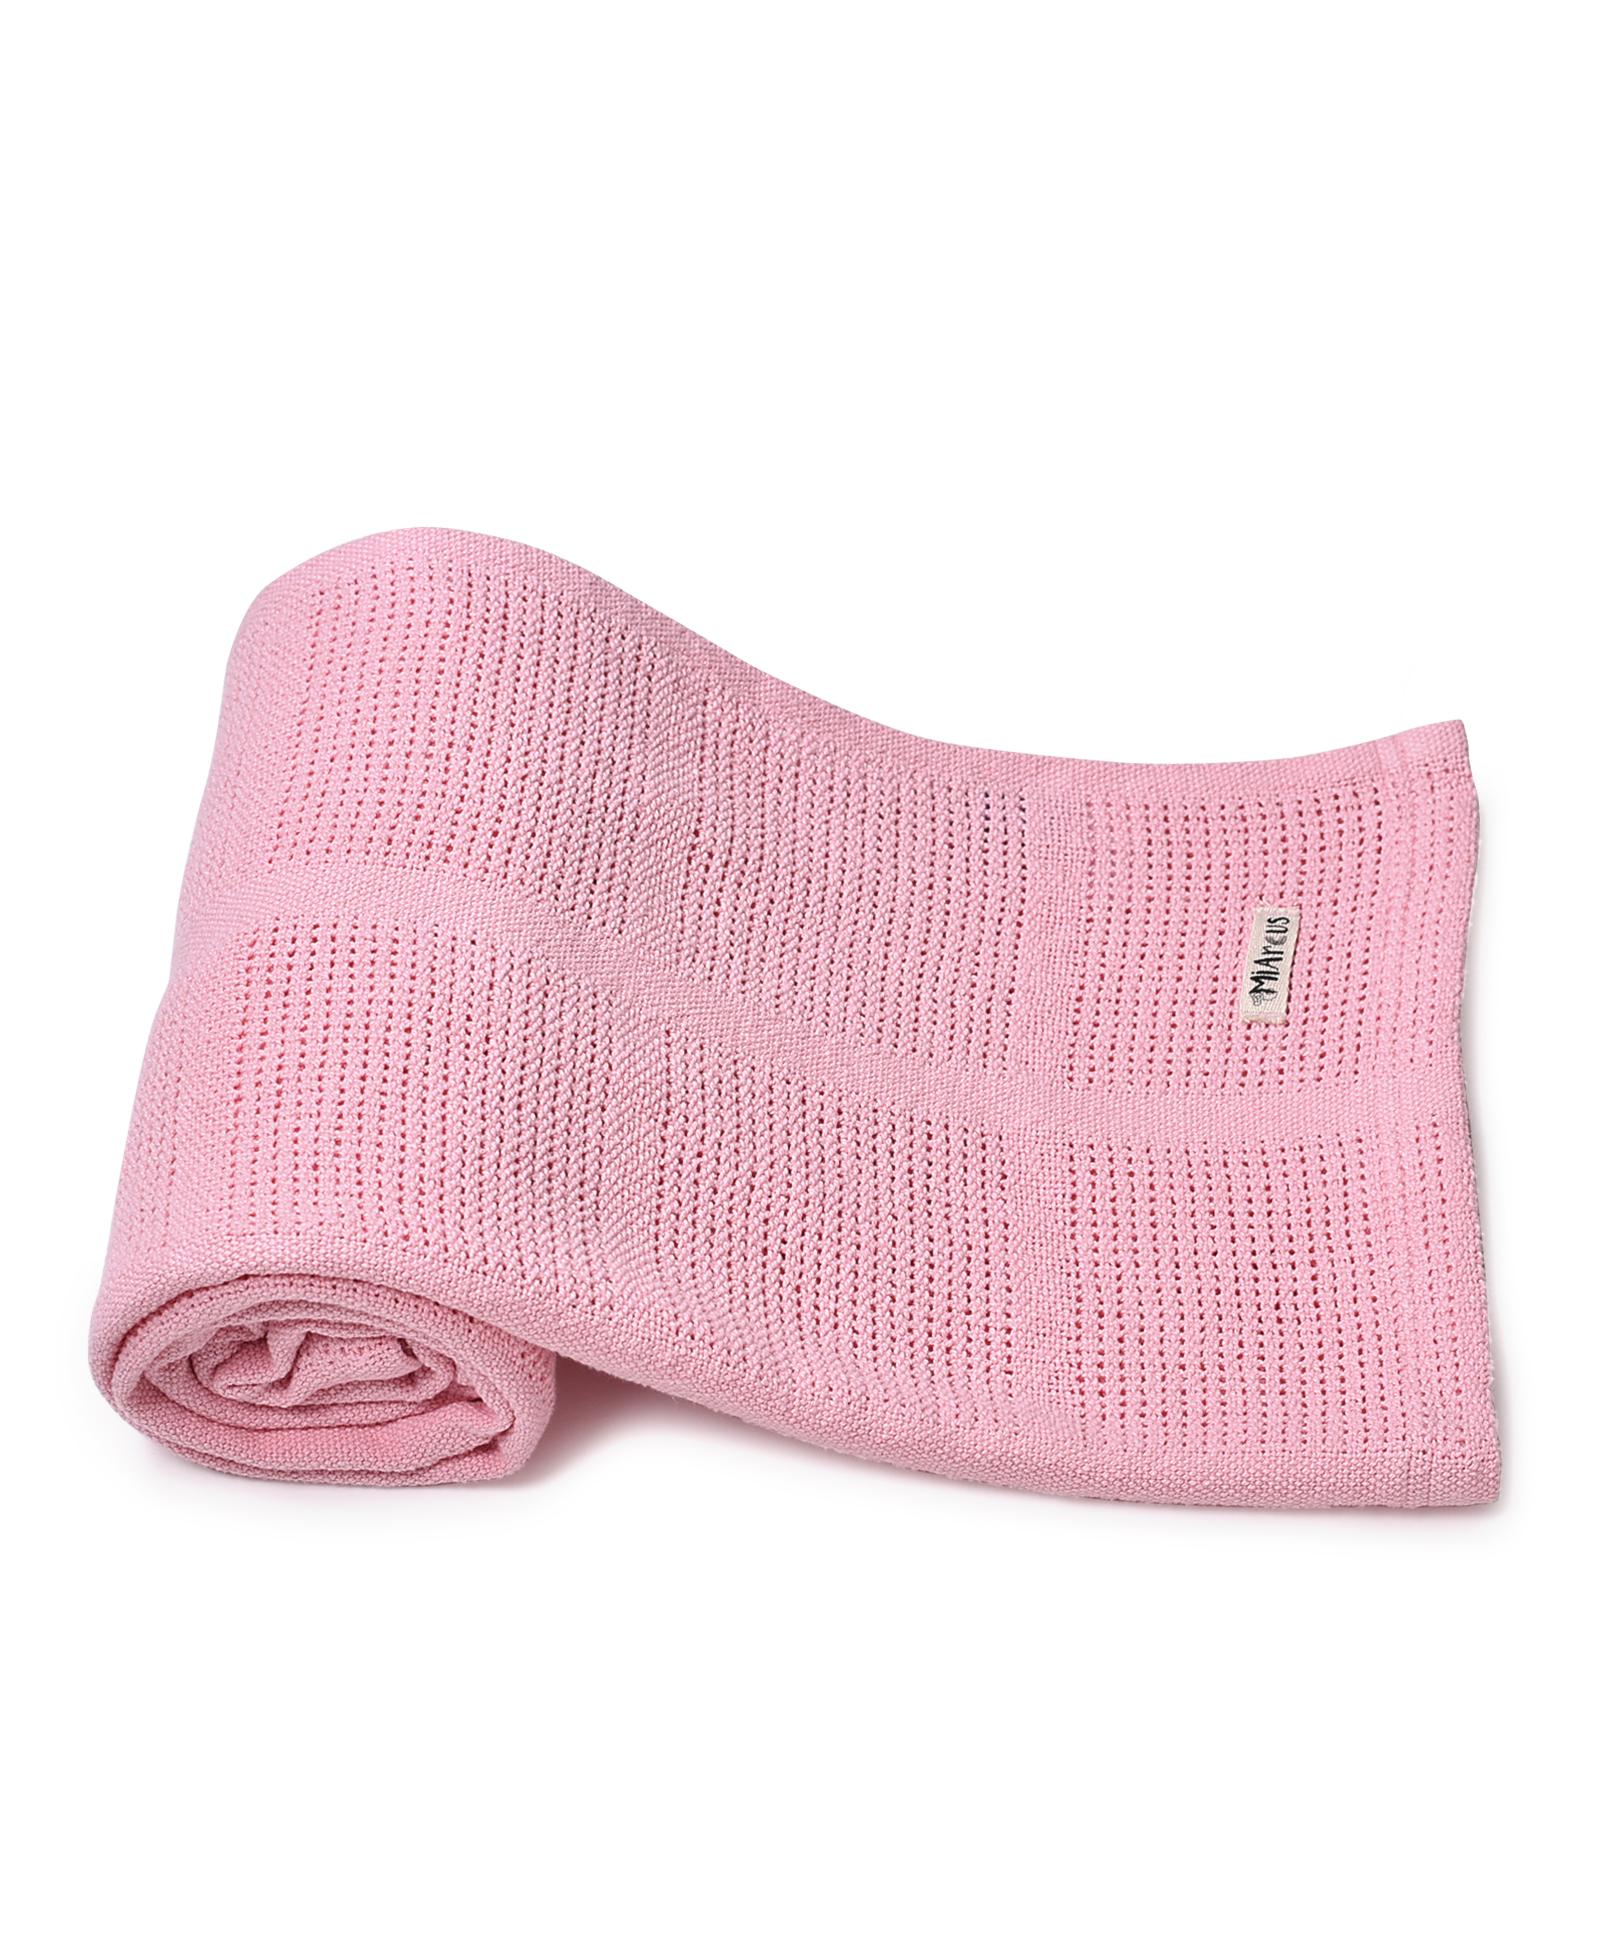 Mothercare | Mi Arcus Premium Organic Cotton Pixie Leno Blanket Pink